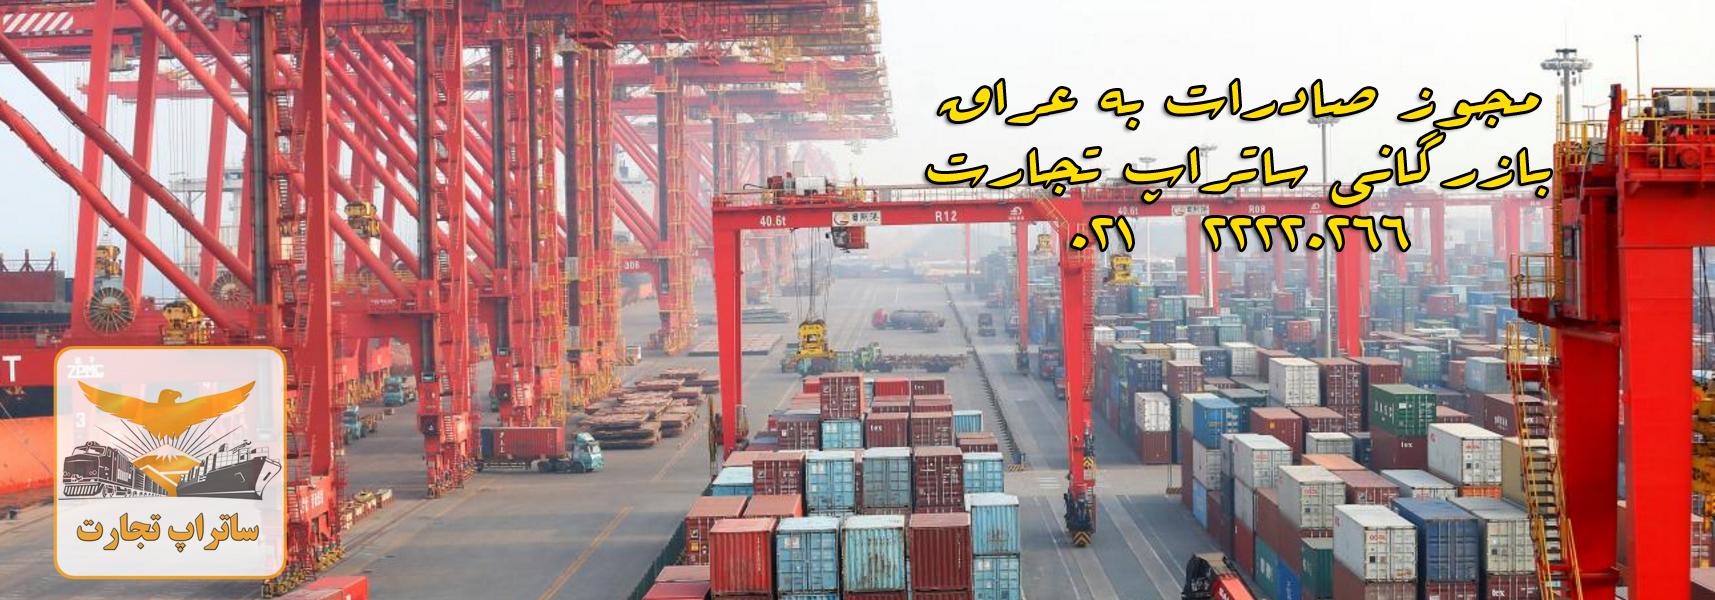 مجوز صادرات به عراق